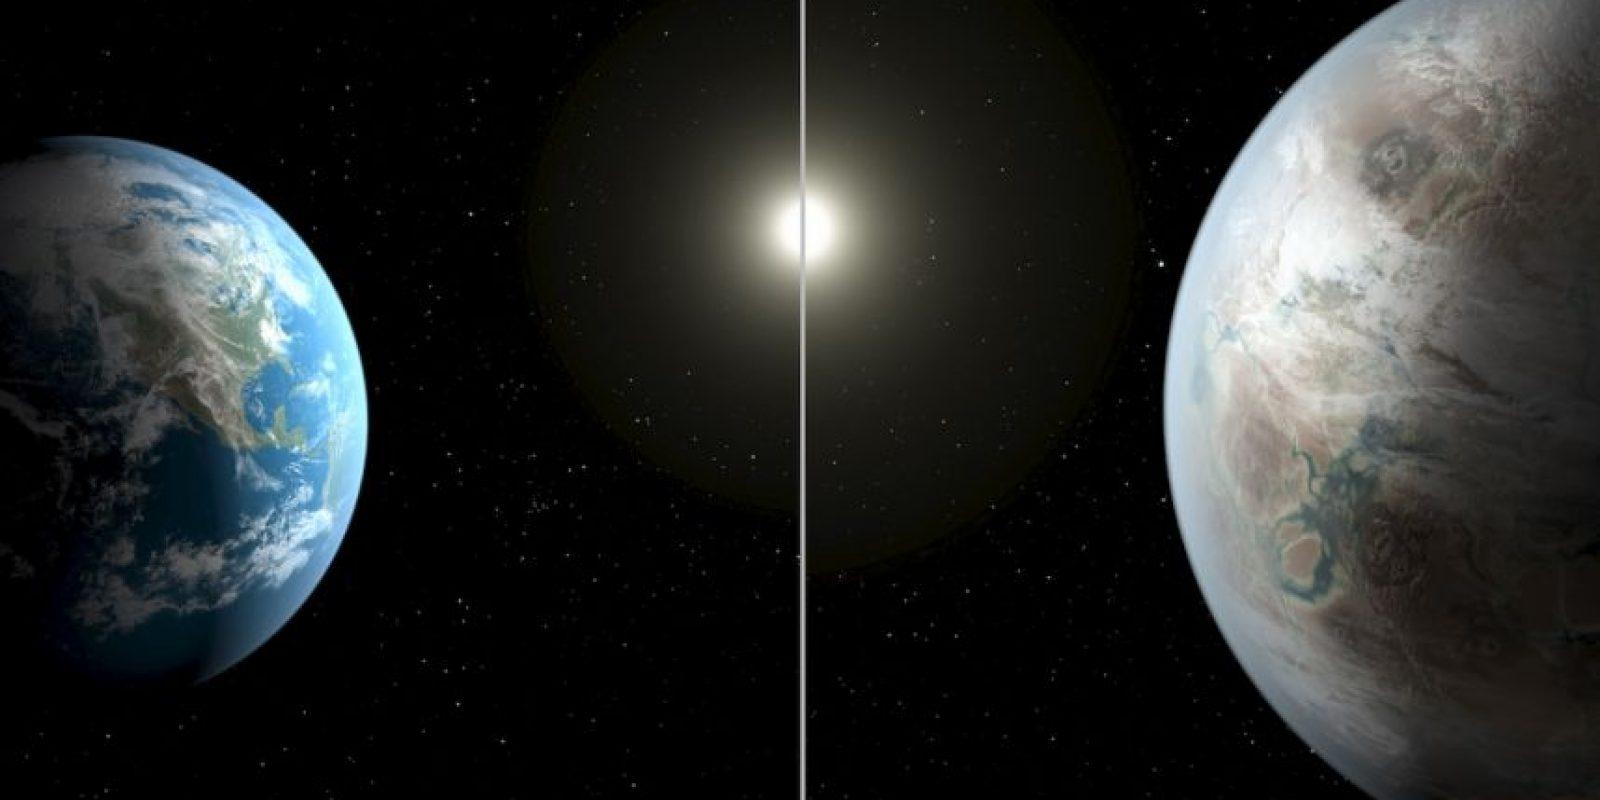 Foto:Vía NASA/JPL-Caltech/T. Pyle